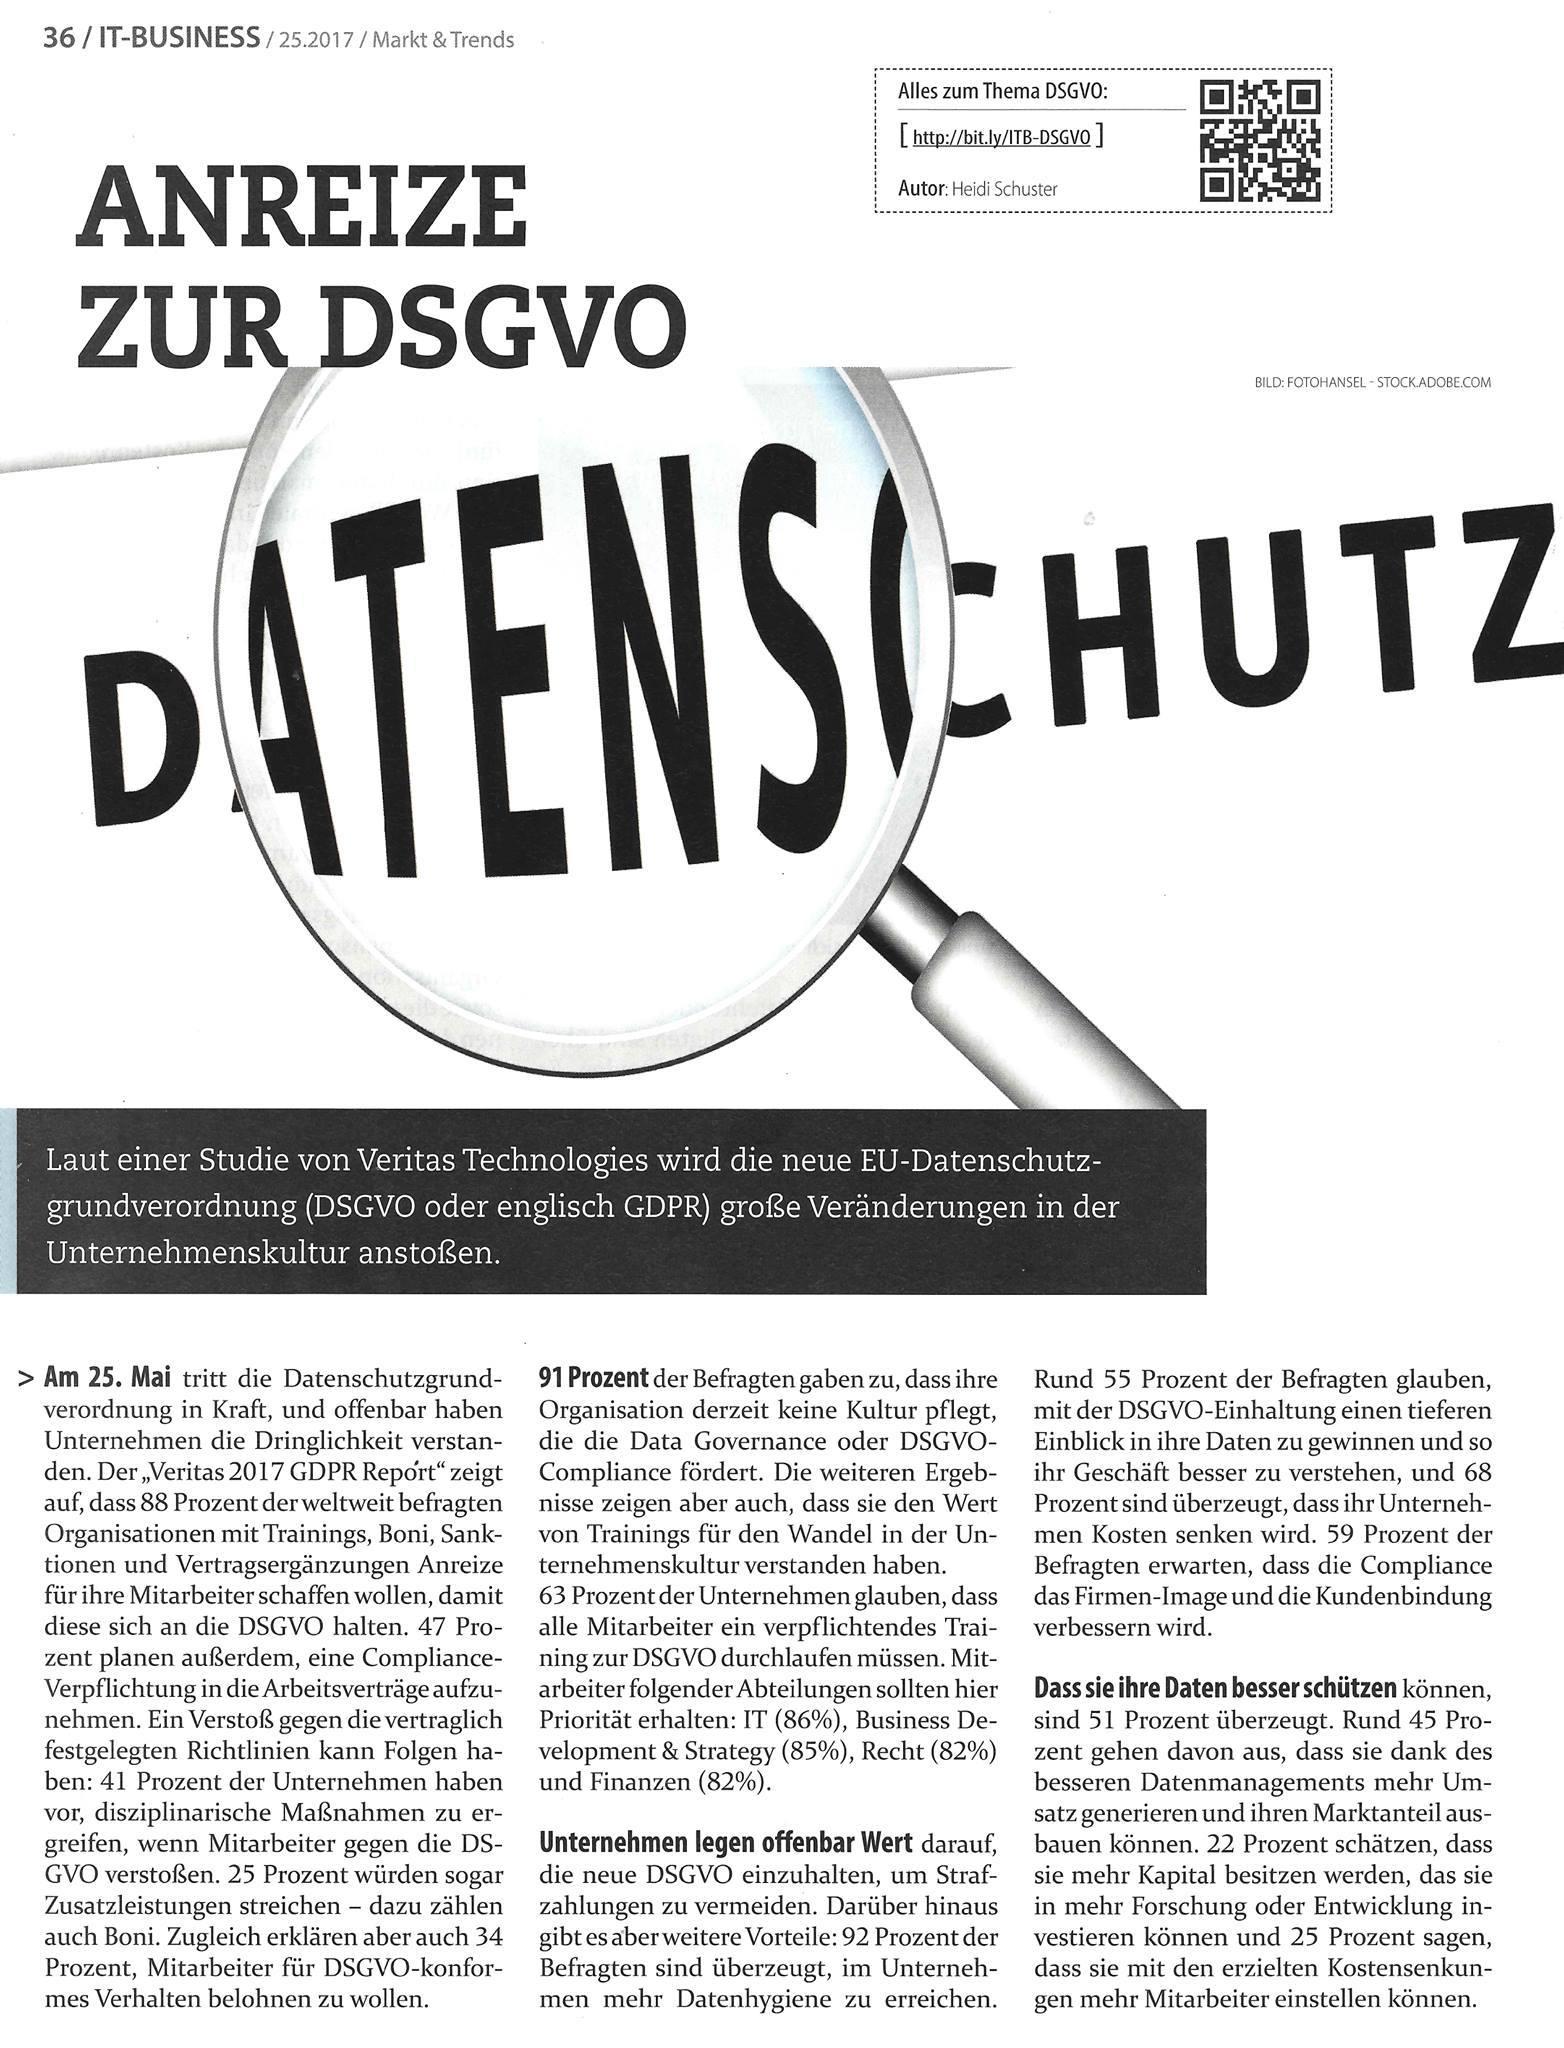 Anzeige zur DSGVO